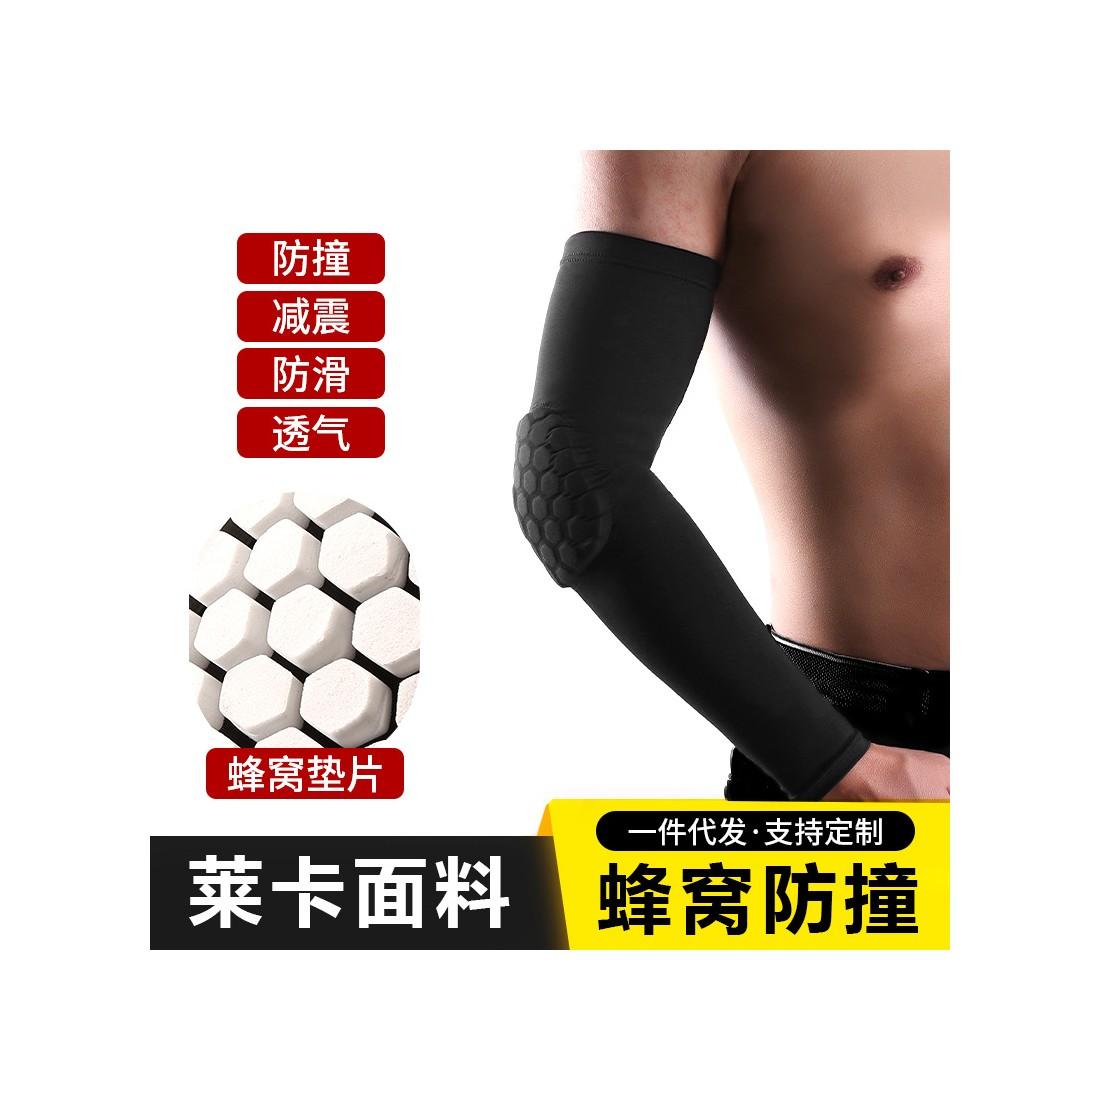 金車 伯朗三合一奶茶 (6袋180包)